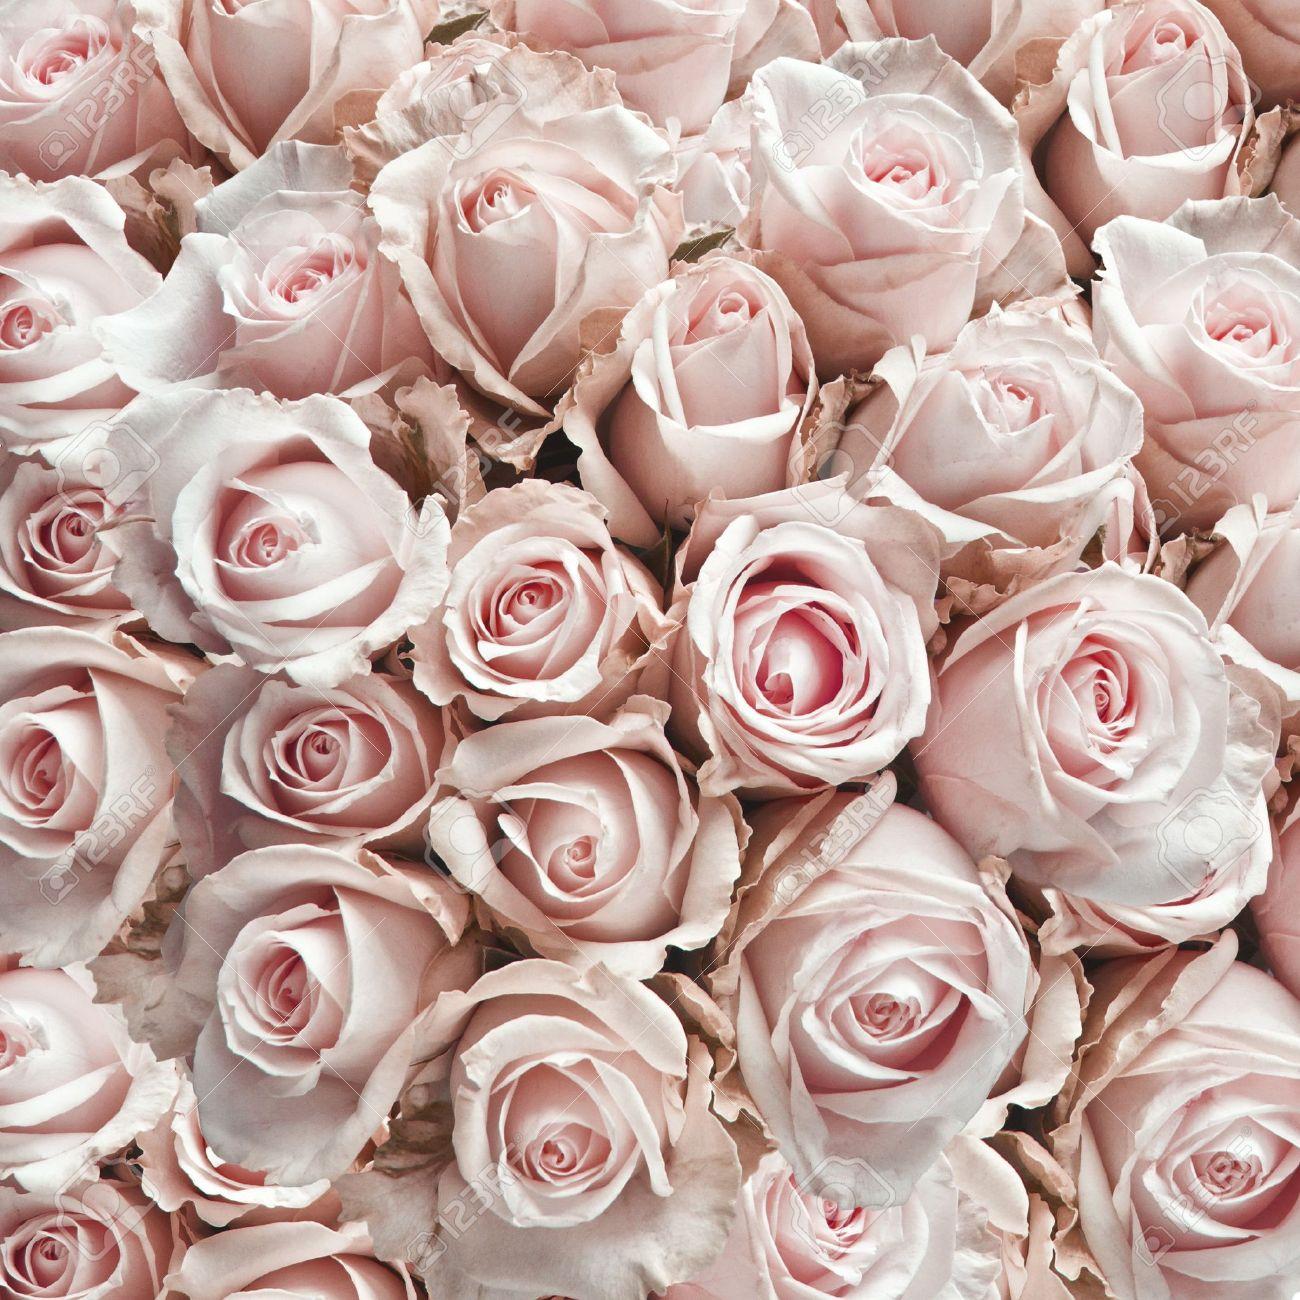 rose roses anciennes comme un fond carré banque d'images et photos